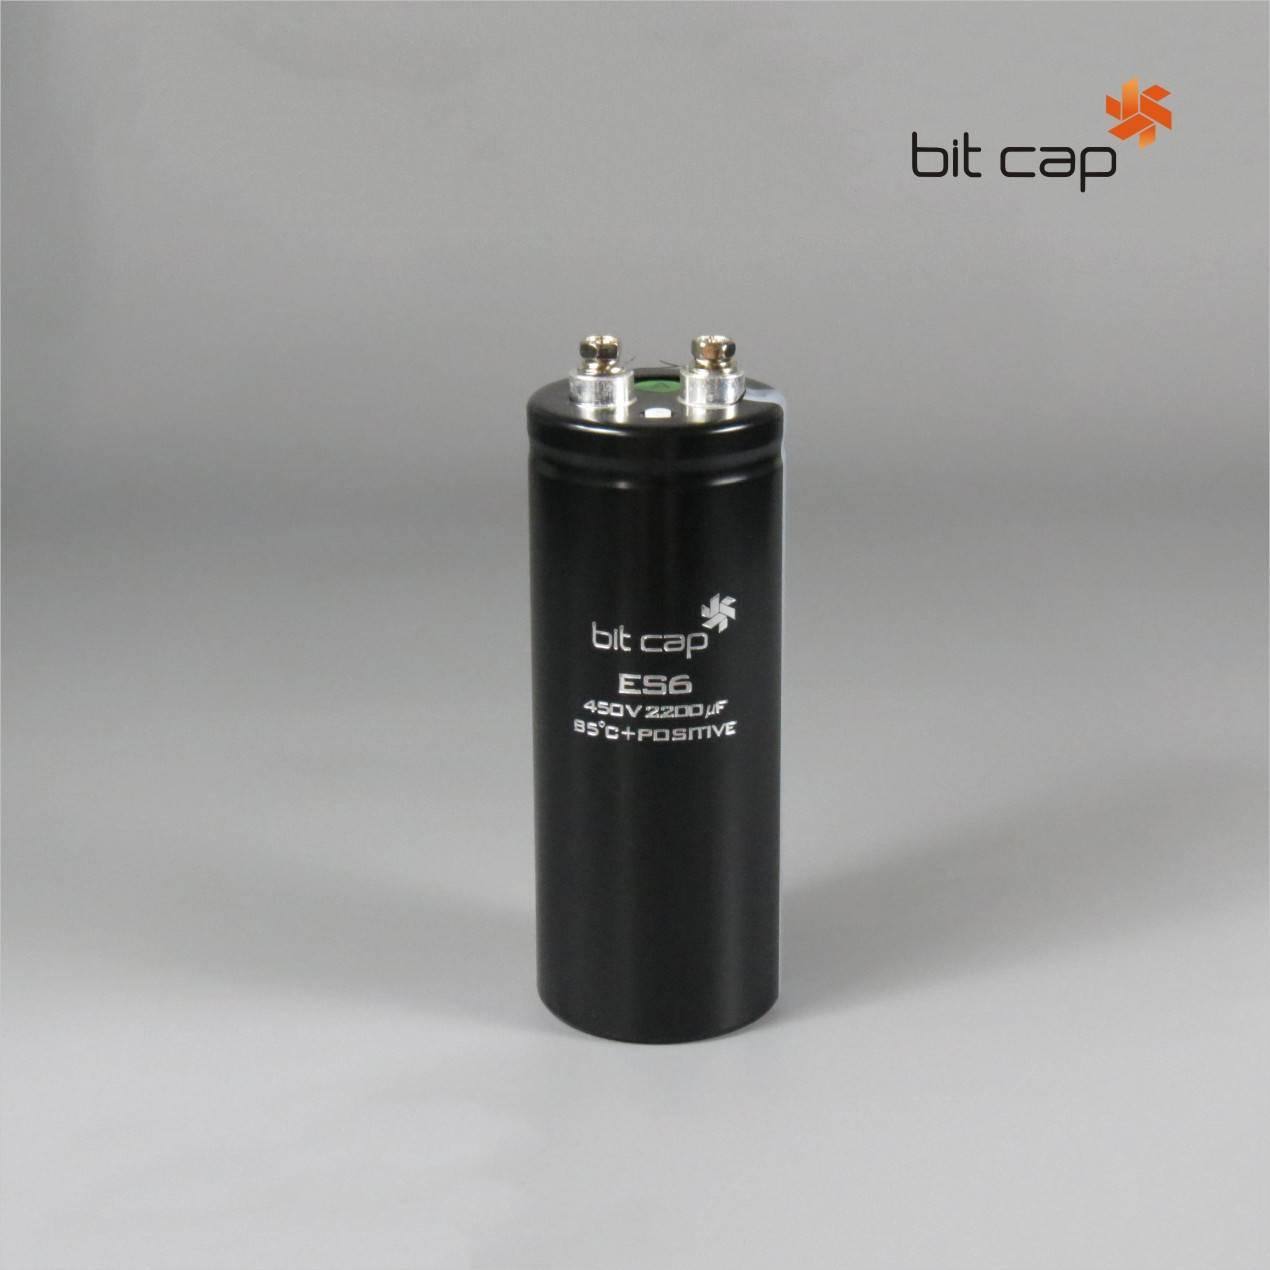 bit cap ES6  450V 2200uF  aluminum electronic capacitors